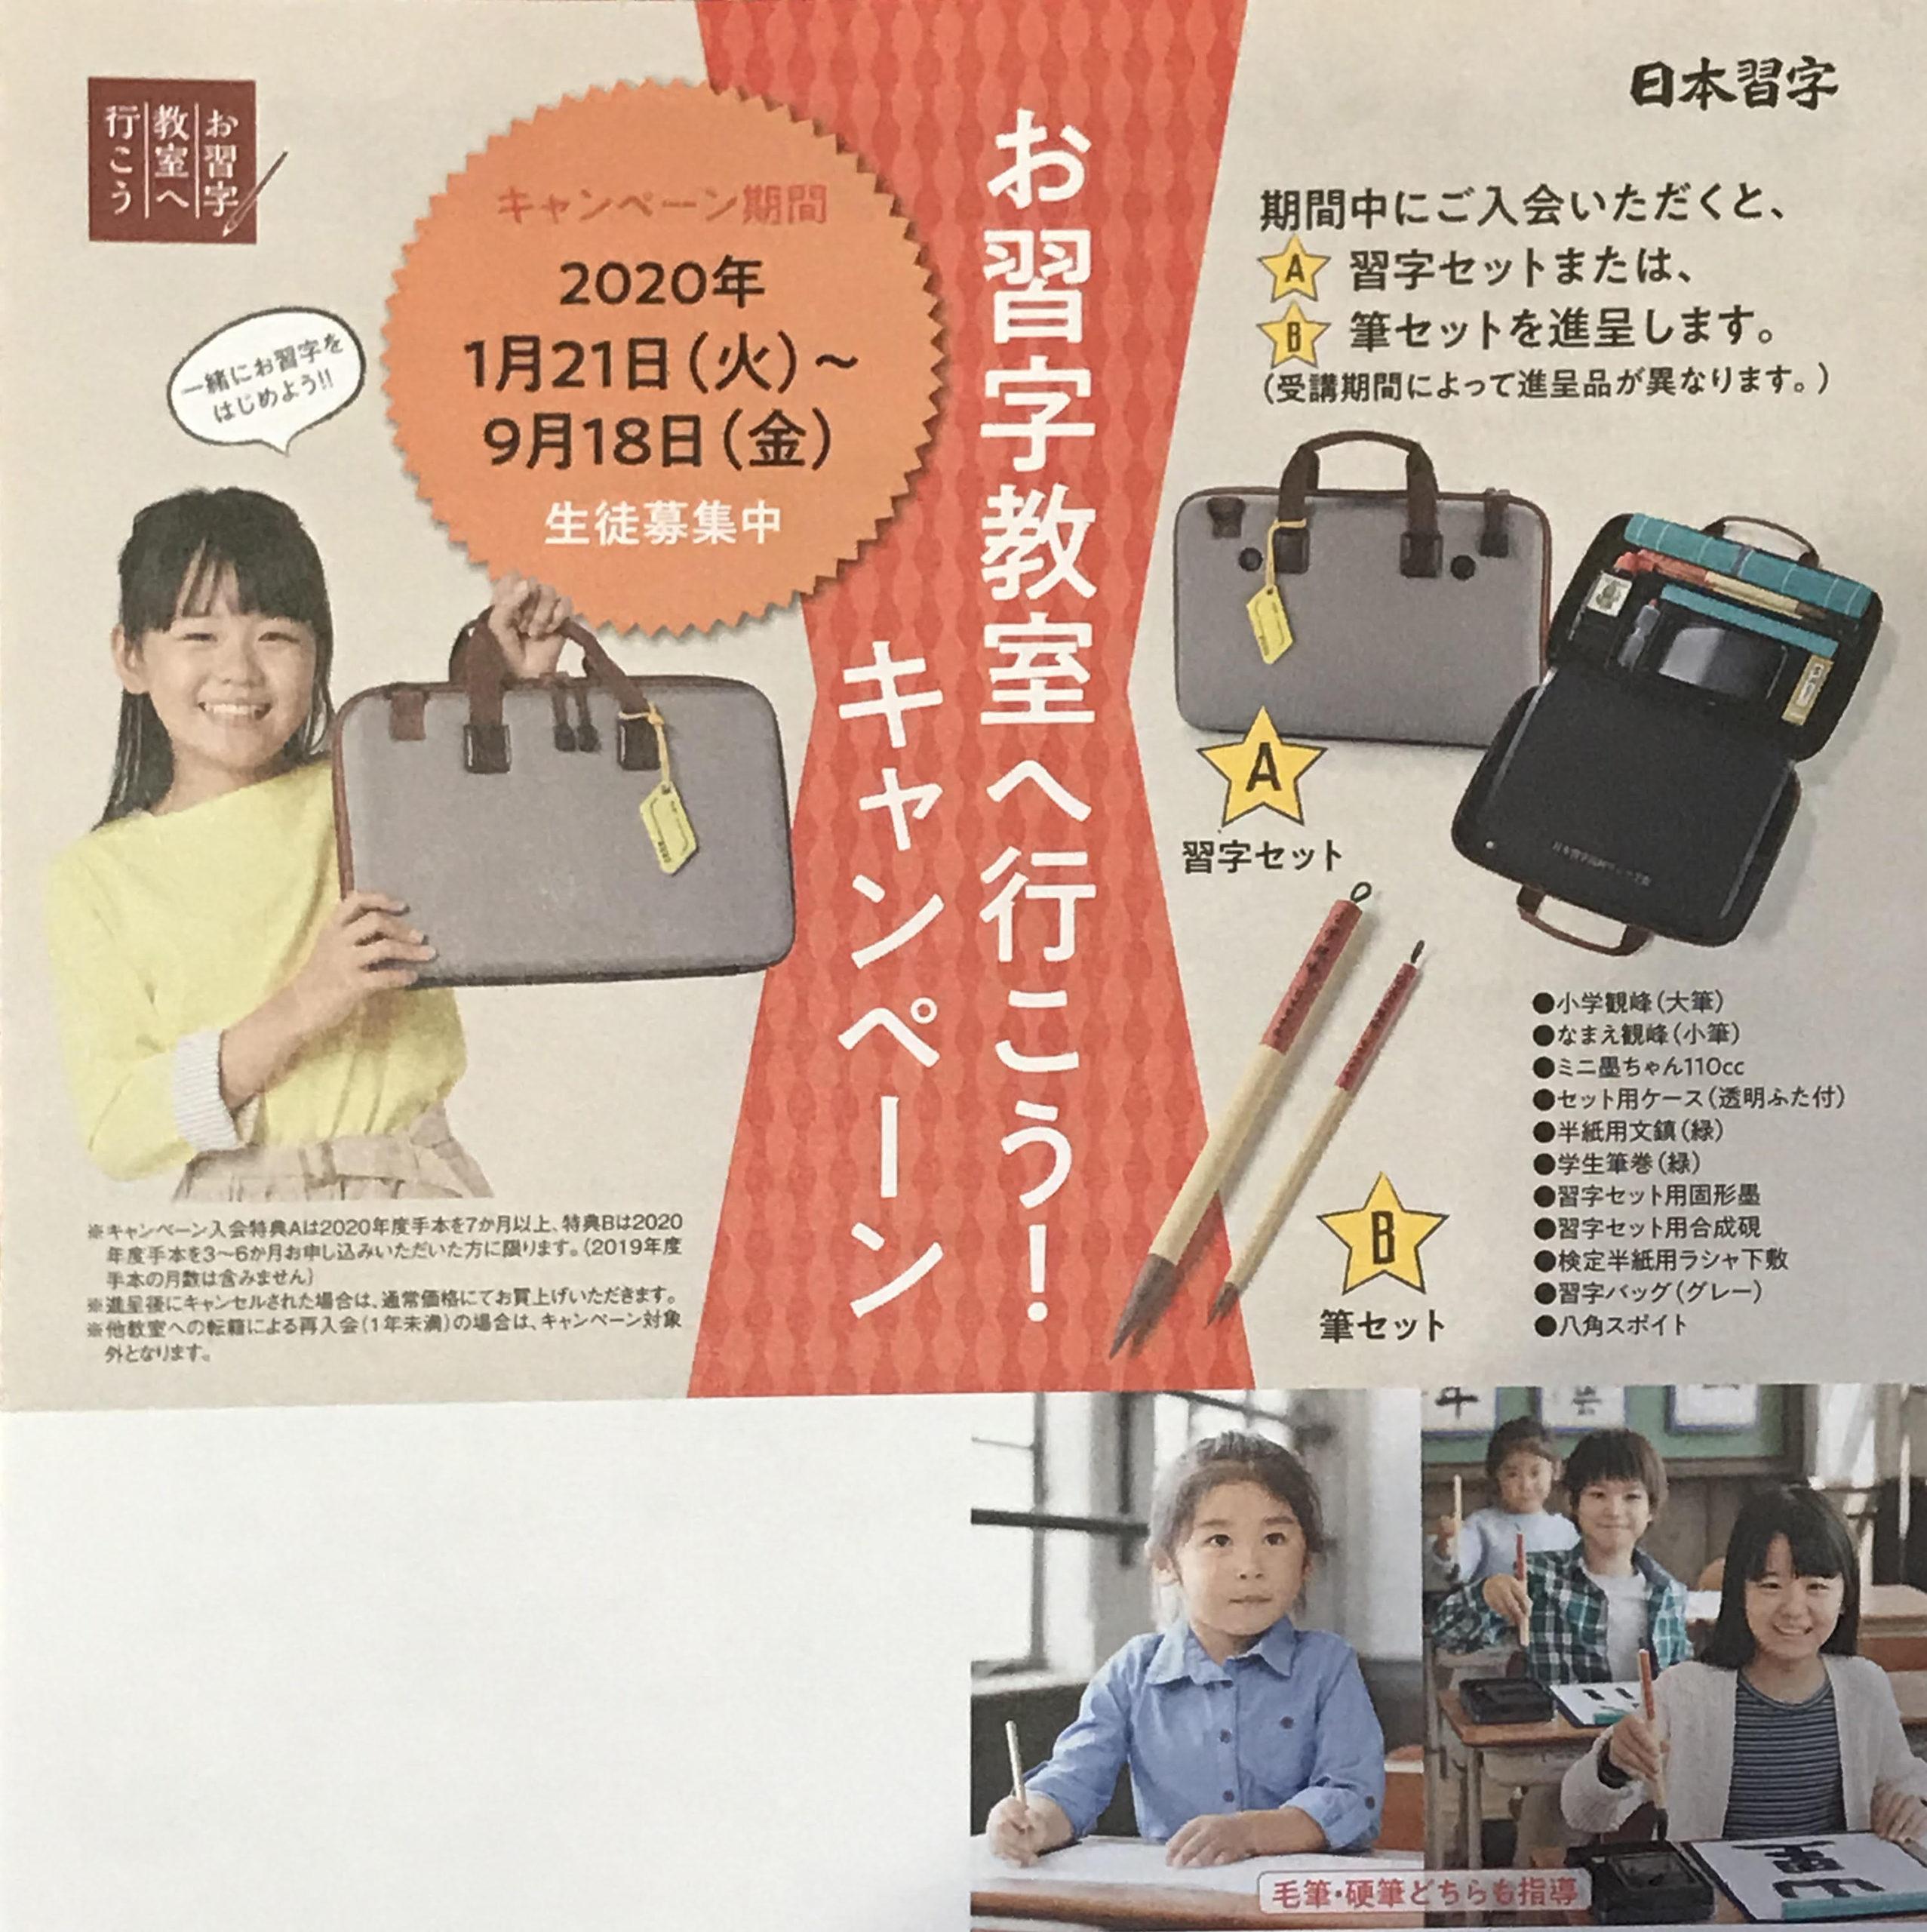 書道教室キャンペーン